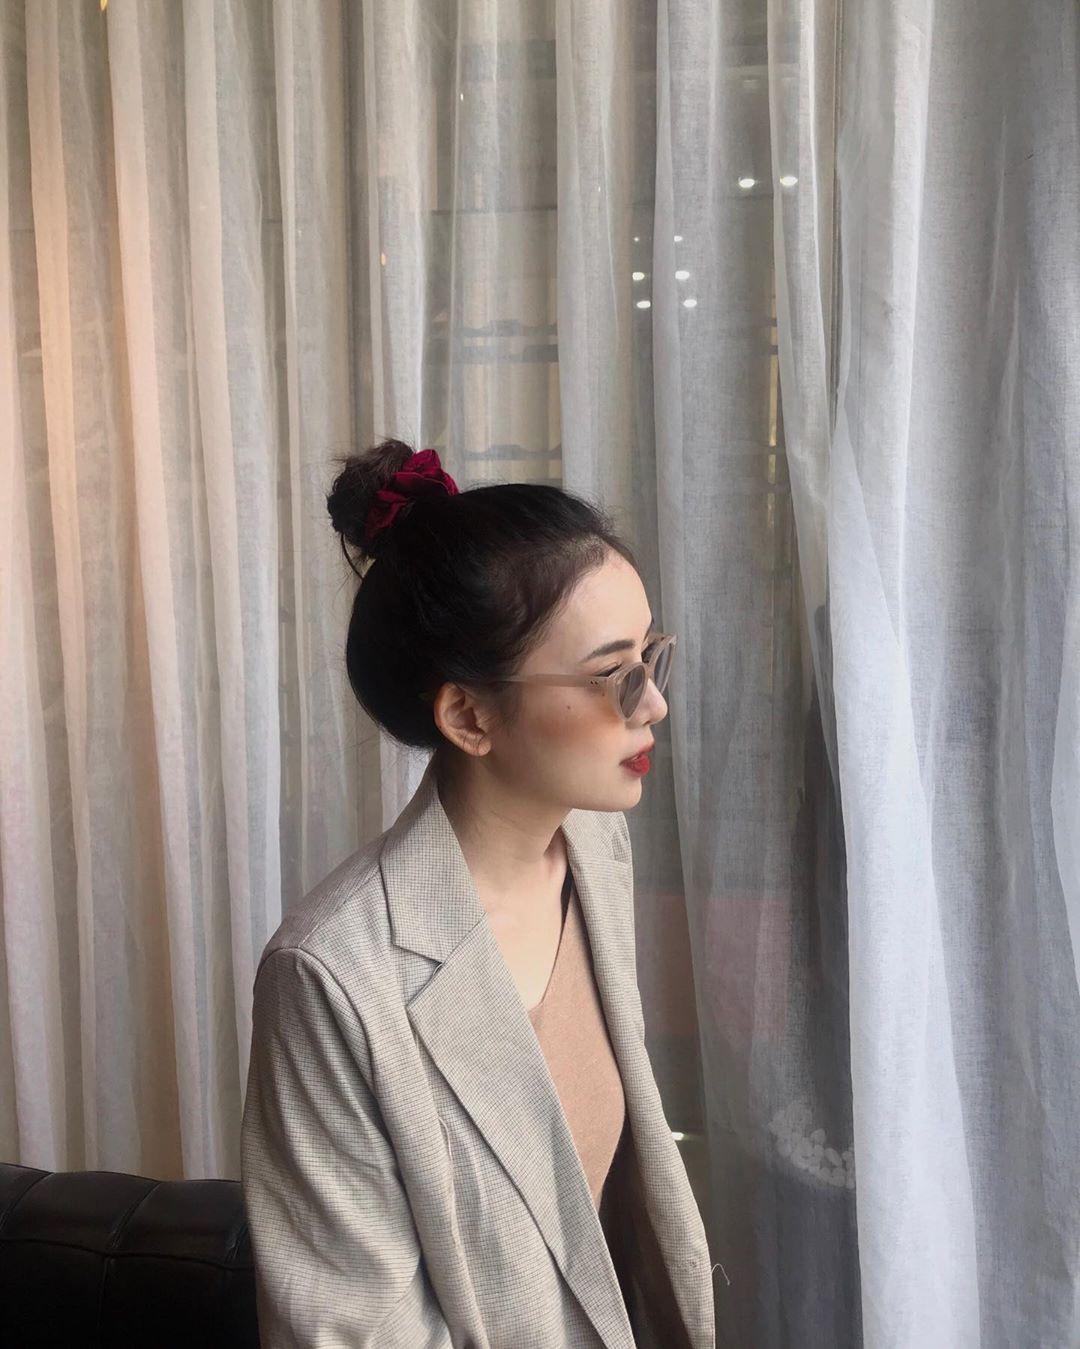 VZN News: Ngỡ không liên quan nhưng đây lại là 4 combo làm đẹp thần thánh mang về ảnh nghìn like cho hội gái xinh sành điệu Instagram - Ảnh 1.